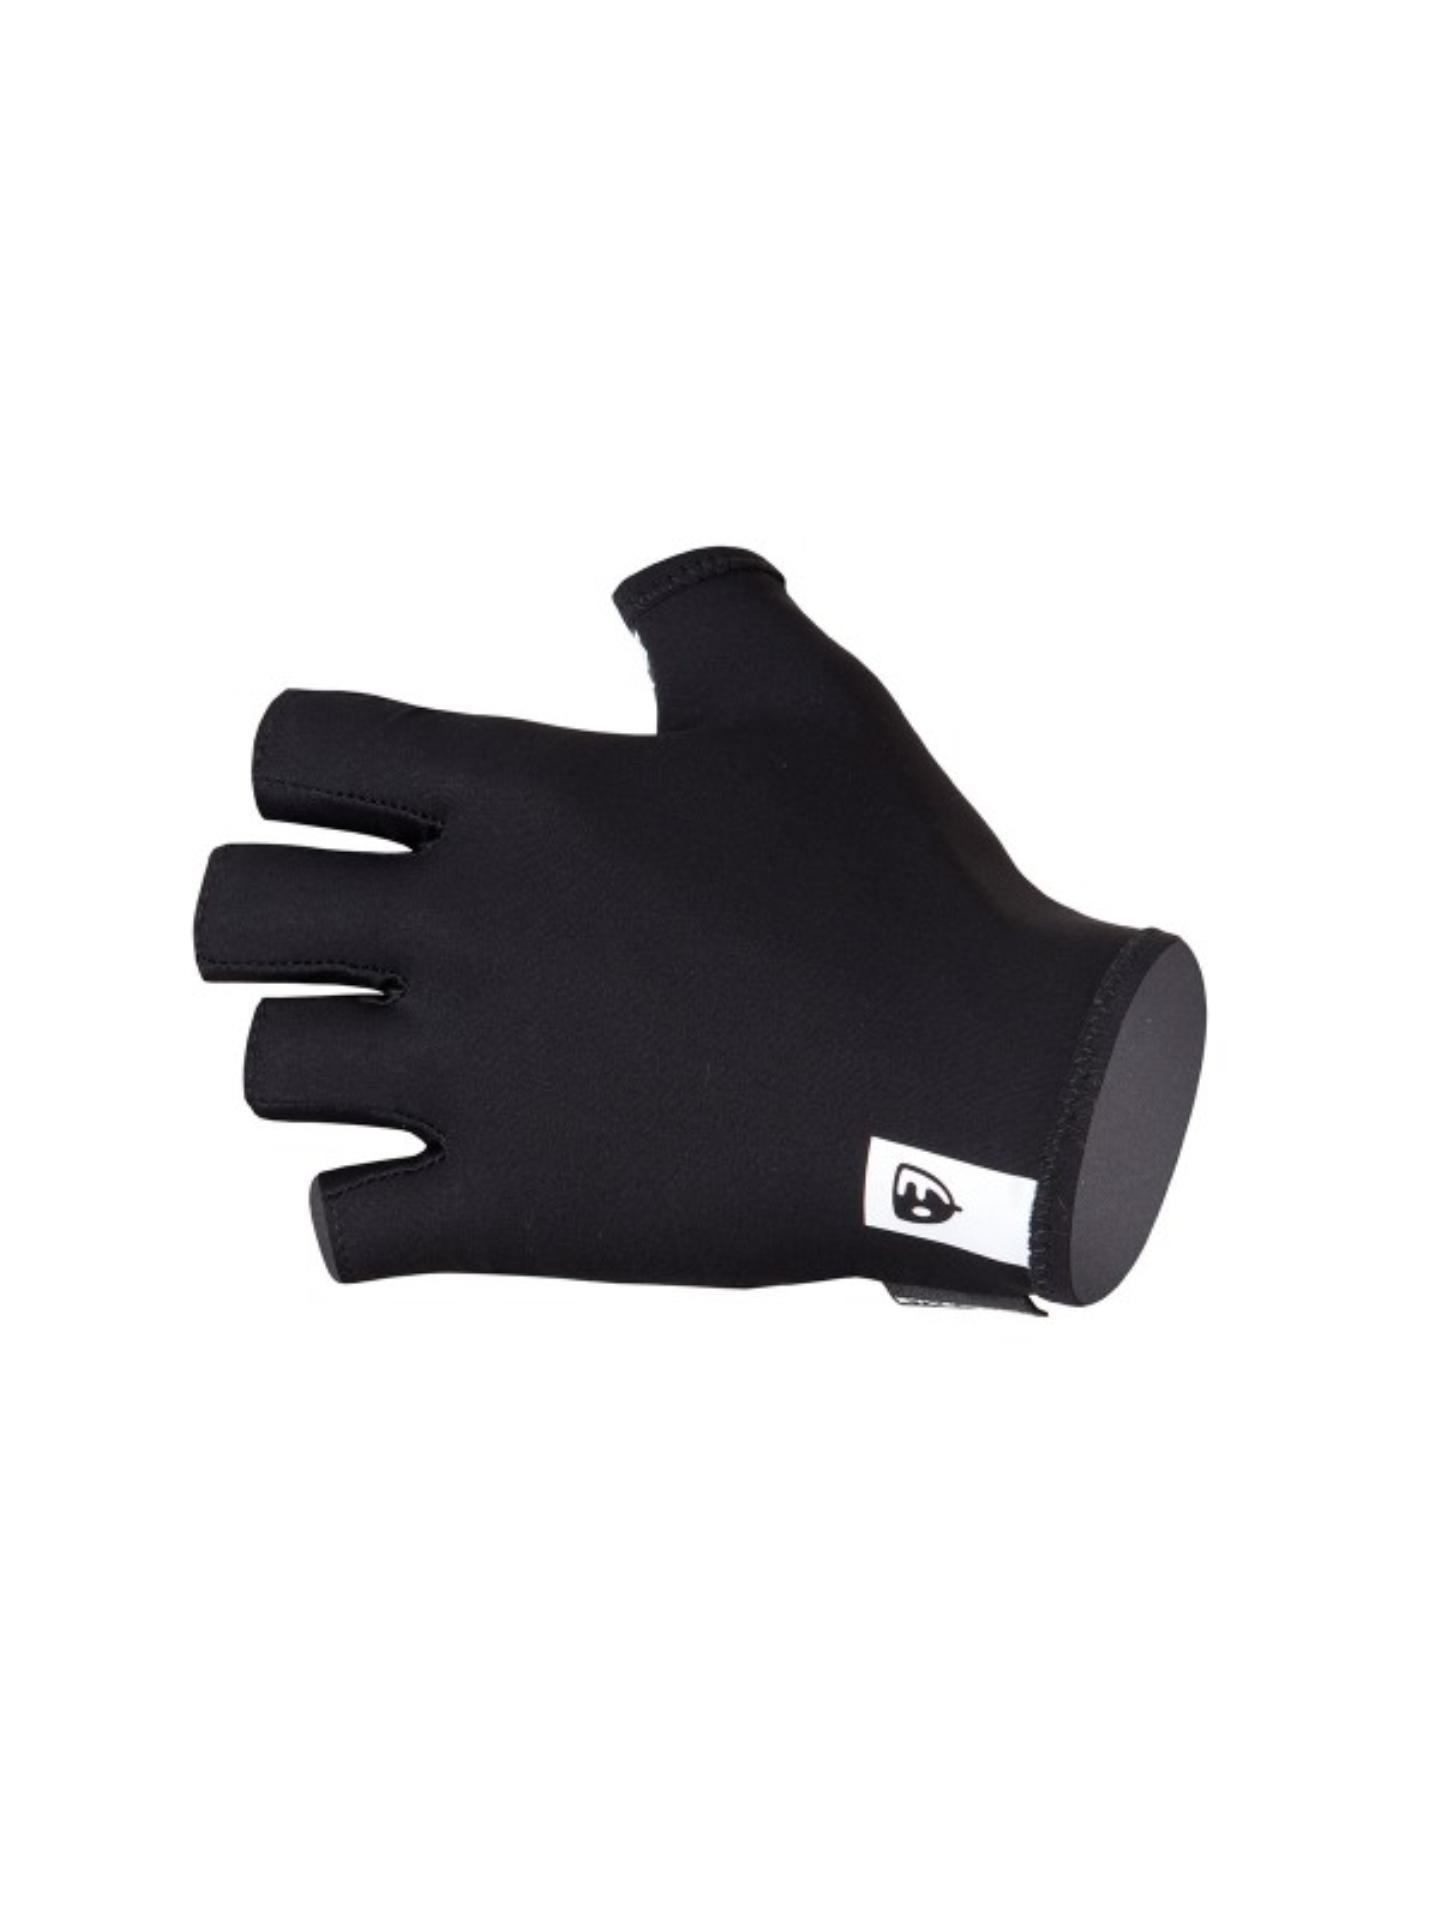 cee11548ff7 Etxeondo ποδηλατικά γάντια Bera